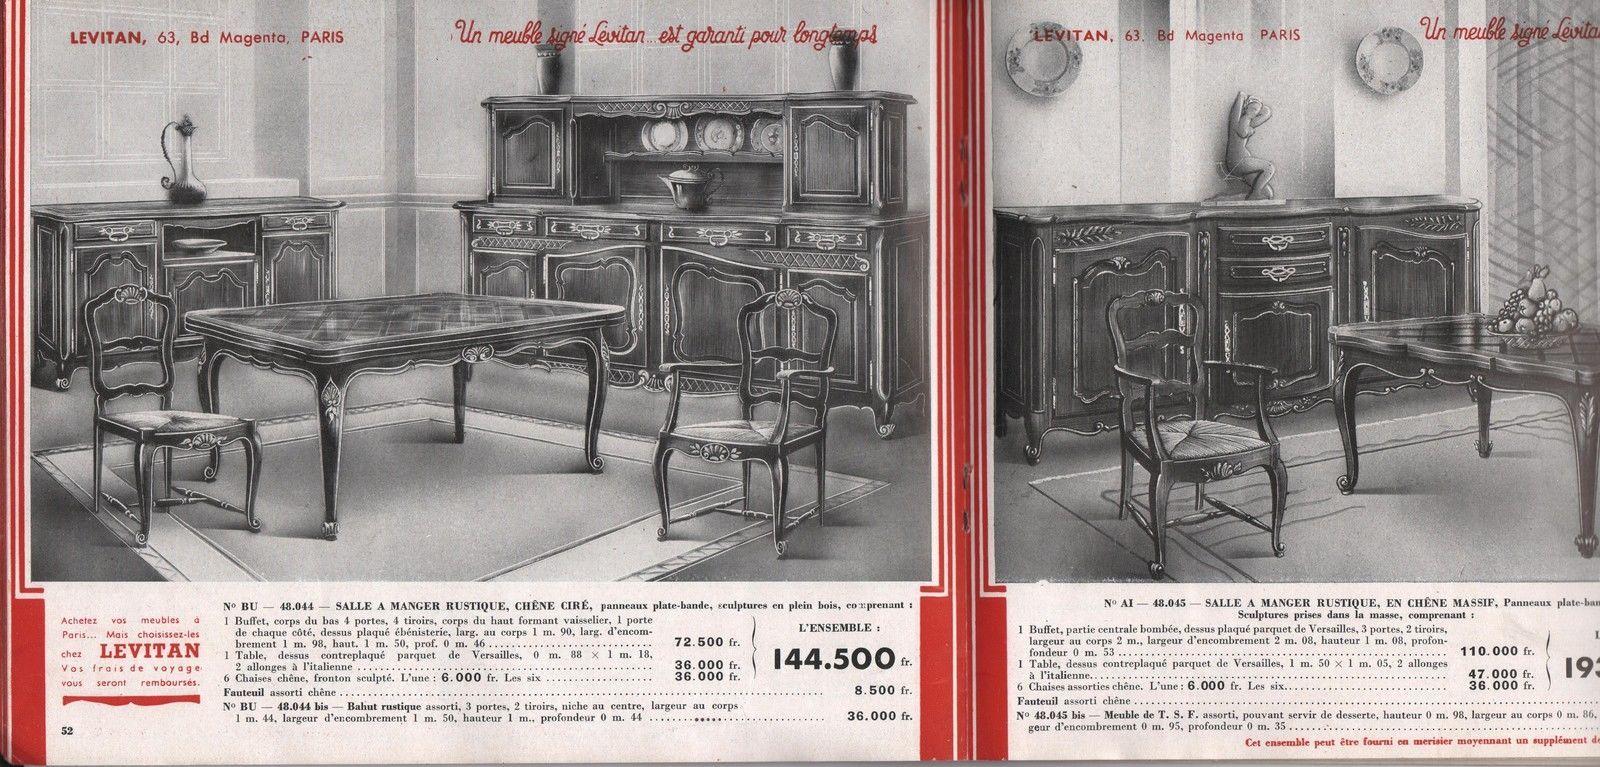 Catalogue Levitan Meubles Annees 1950 Livres Bd Revues Revues Autres Ebay Mobilier De Salon Catalogue Annees 1950